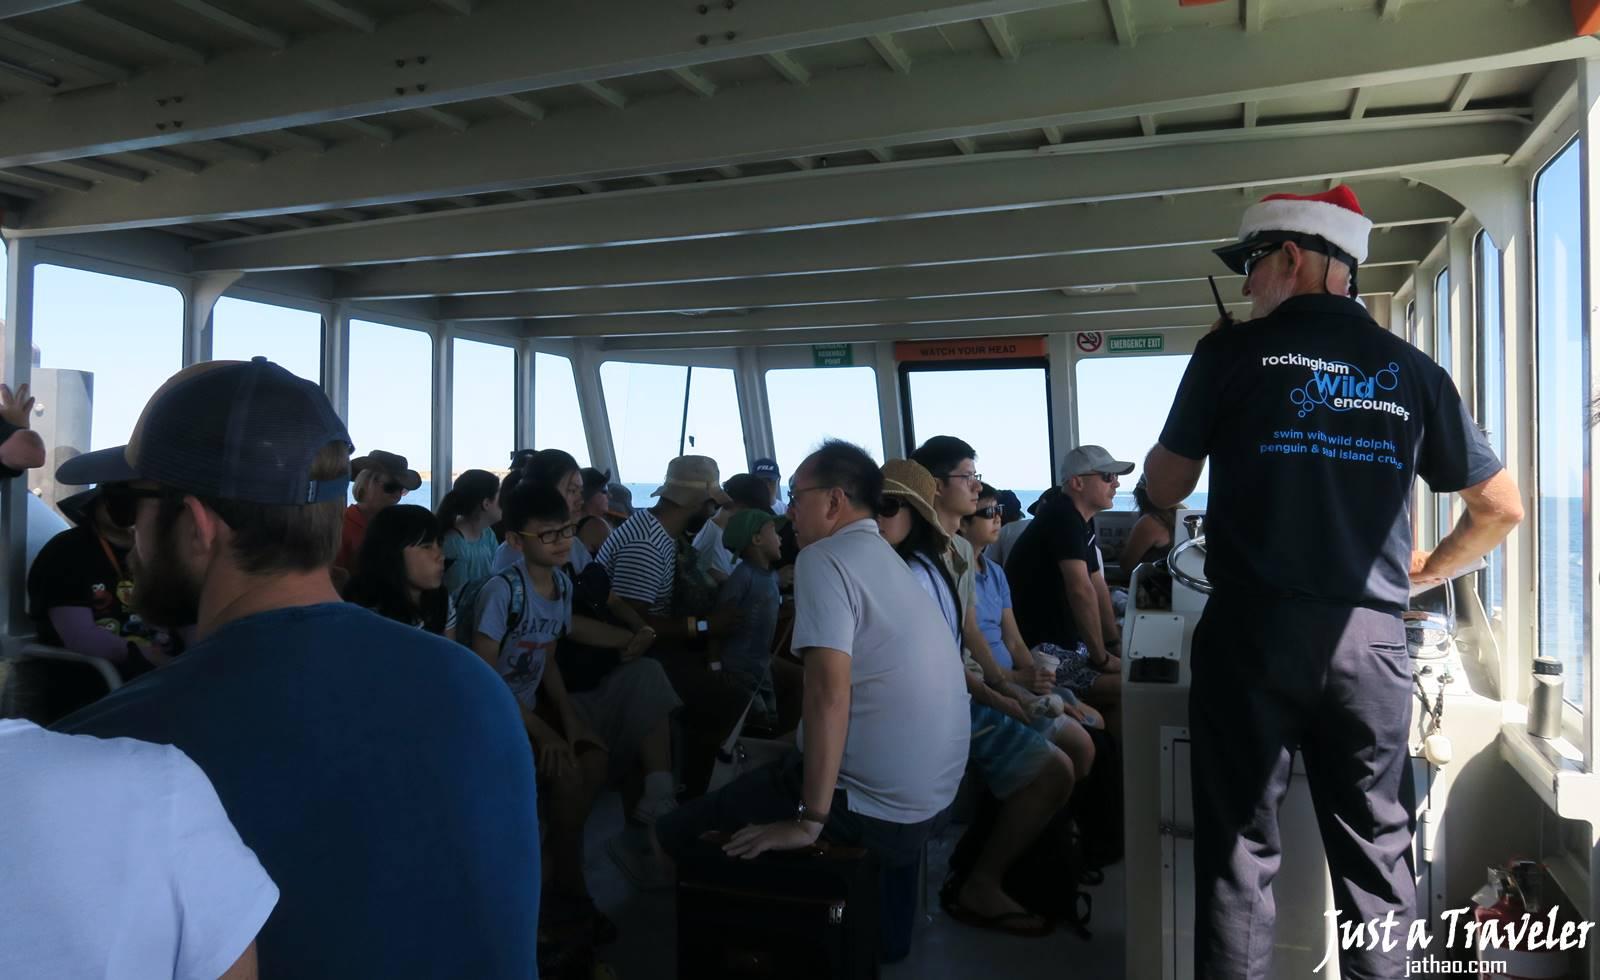 伯斯-景點-推薦-必玩-一日遊-企鵝島-Penguin-Island-渡輪-Ferry-遊記-旅遊-自由行-Perth